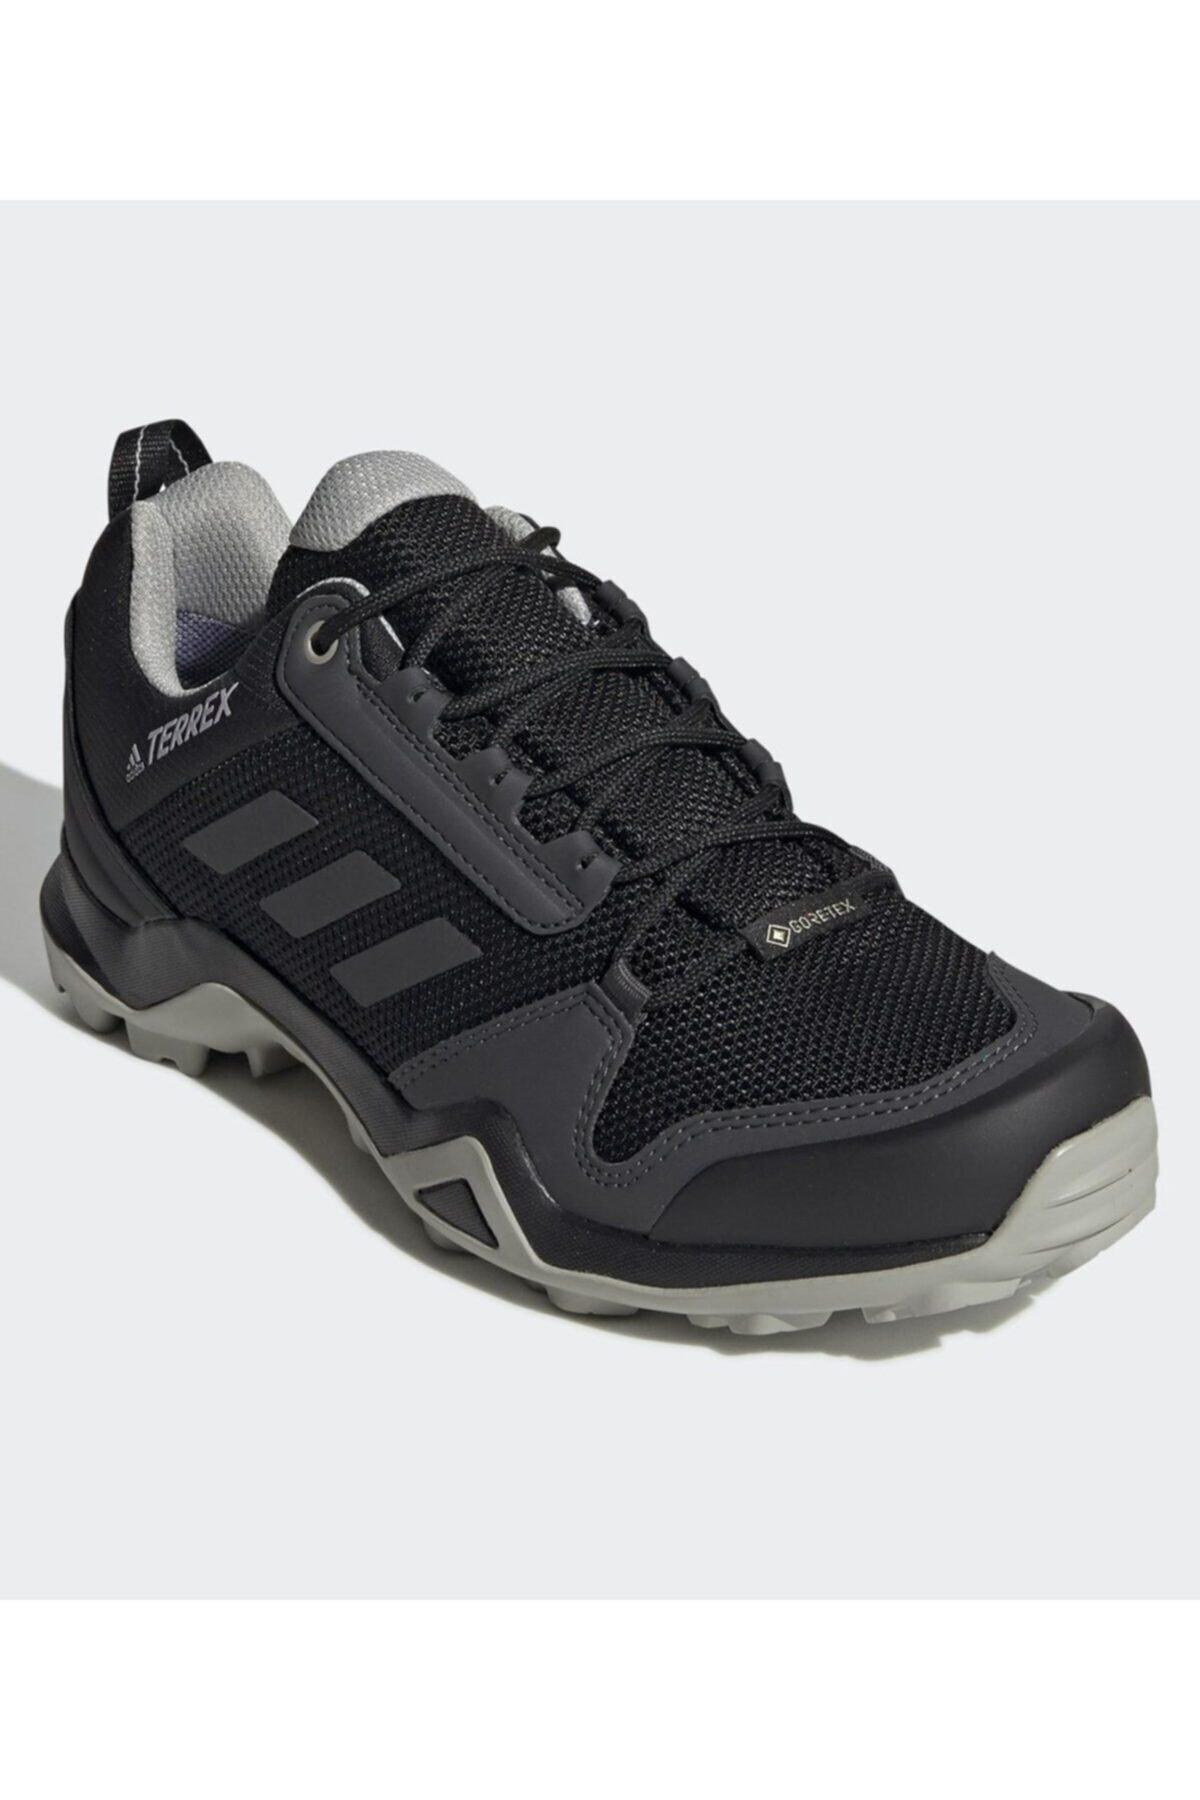 adidas Siyah Kadın Outdoor Ayakkabısı Ef3510 Terrex Ax3r Gtx W 1